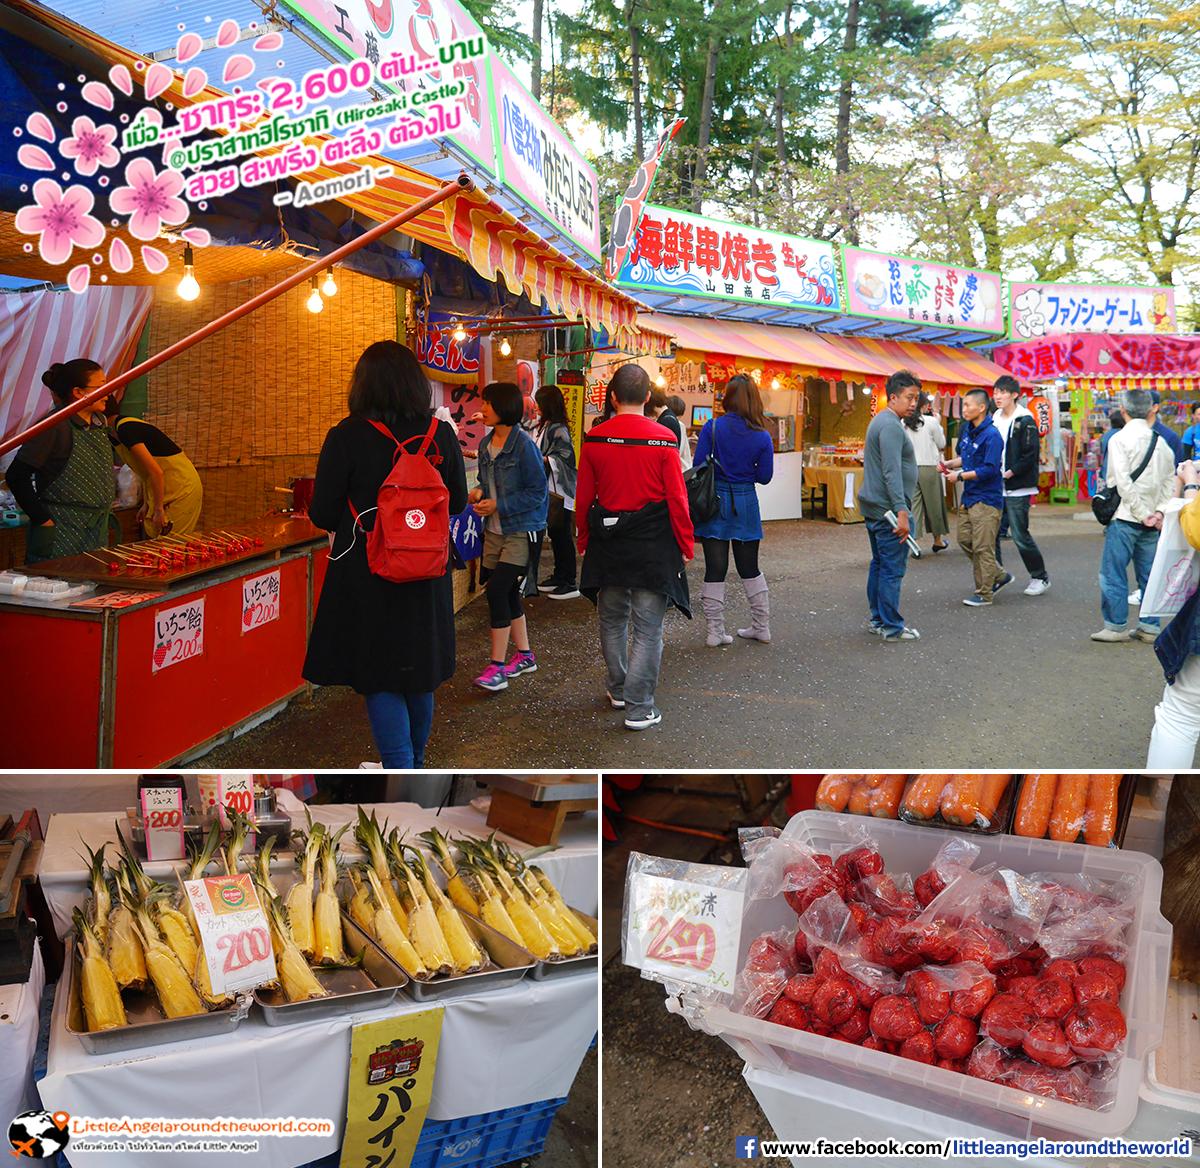 ขนมหวาน ผลไม้สด เลือกช้อป ชิม ได้ตามต้องการ : เที่ยวอาโอโมริ ซากุระกว่า 2,600 ต้น ที่ปราสาทฮิโรซากิ (Hirosaki Castle)